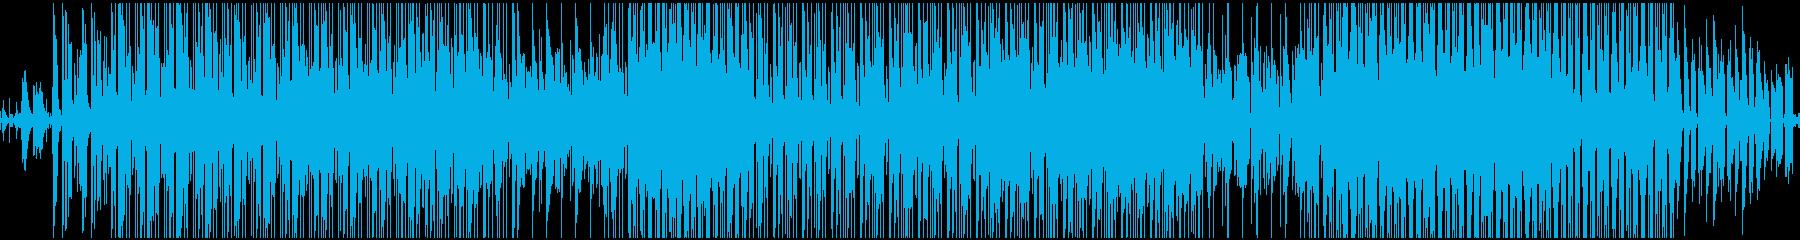 KAMAKURAの再生済みの波形